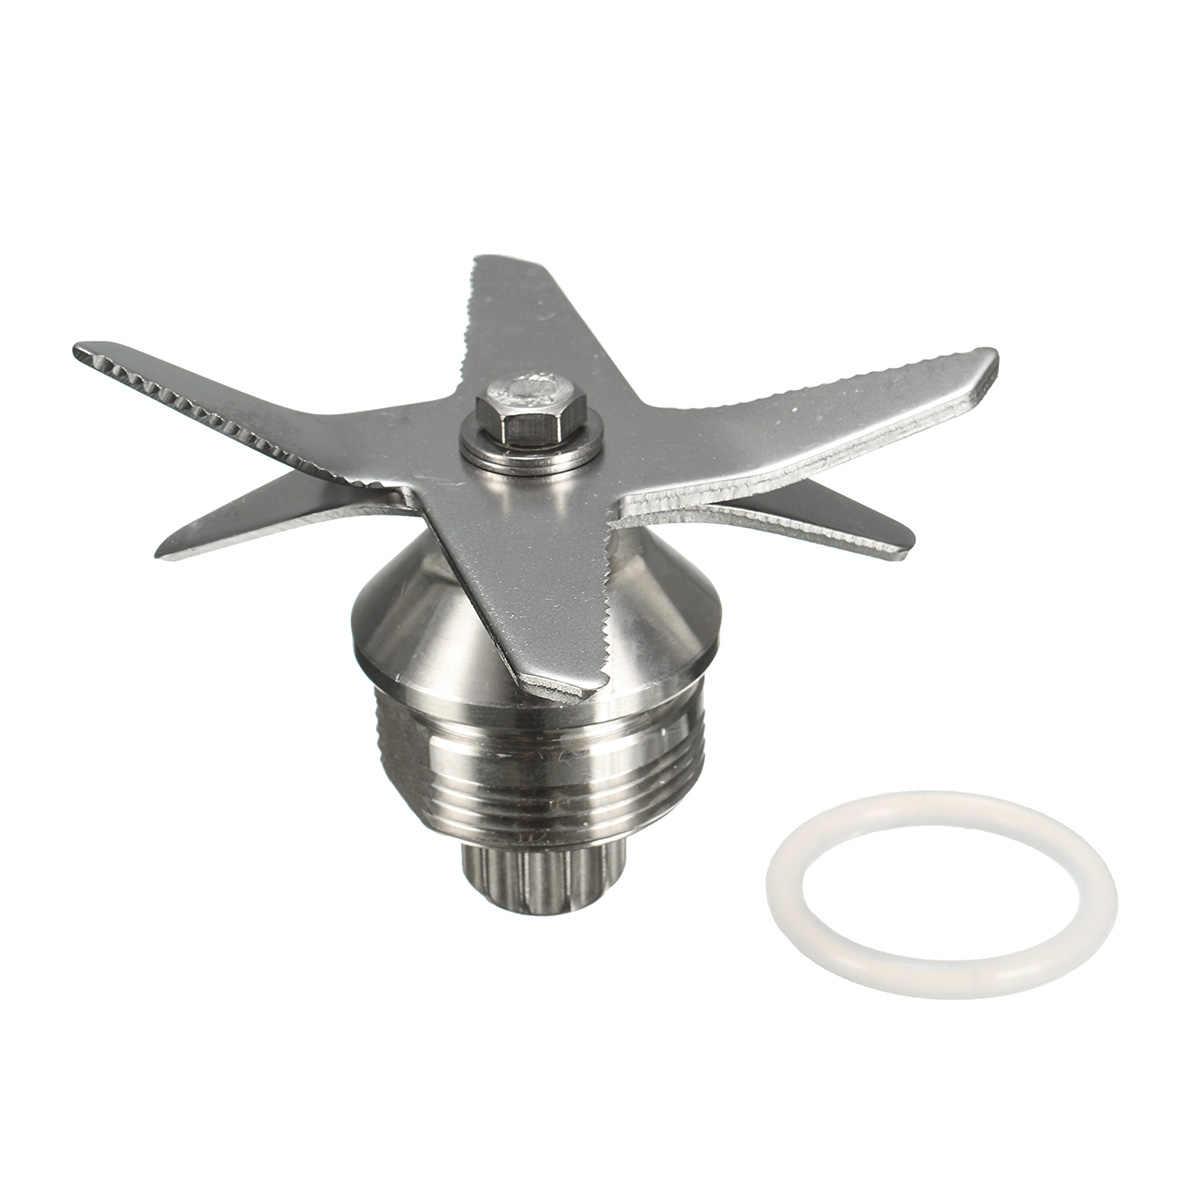 Melhor 1 Pedaços de Gelo-Esmagamento Liquidificador Lâmina de Peças Com Anel De Vedação Para O Vitamix 5200 Series